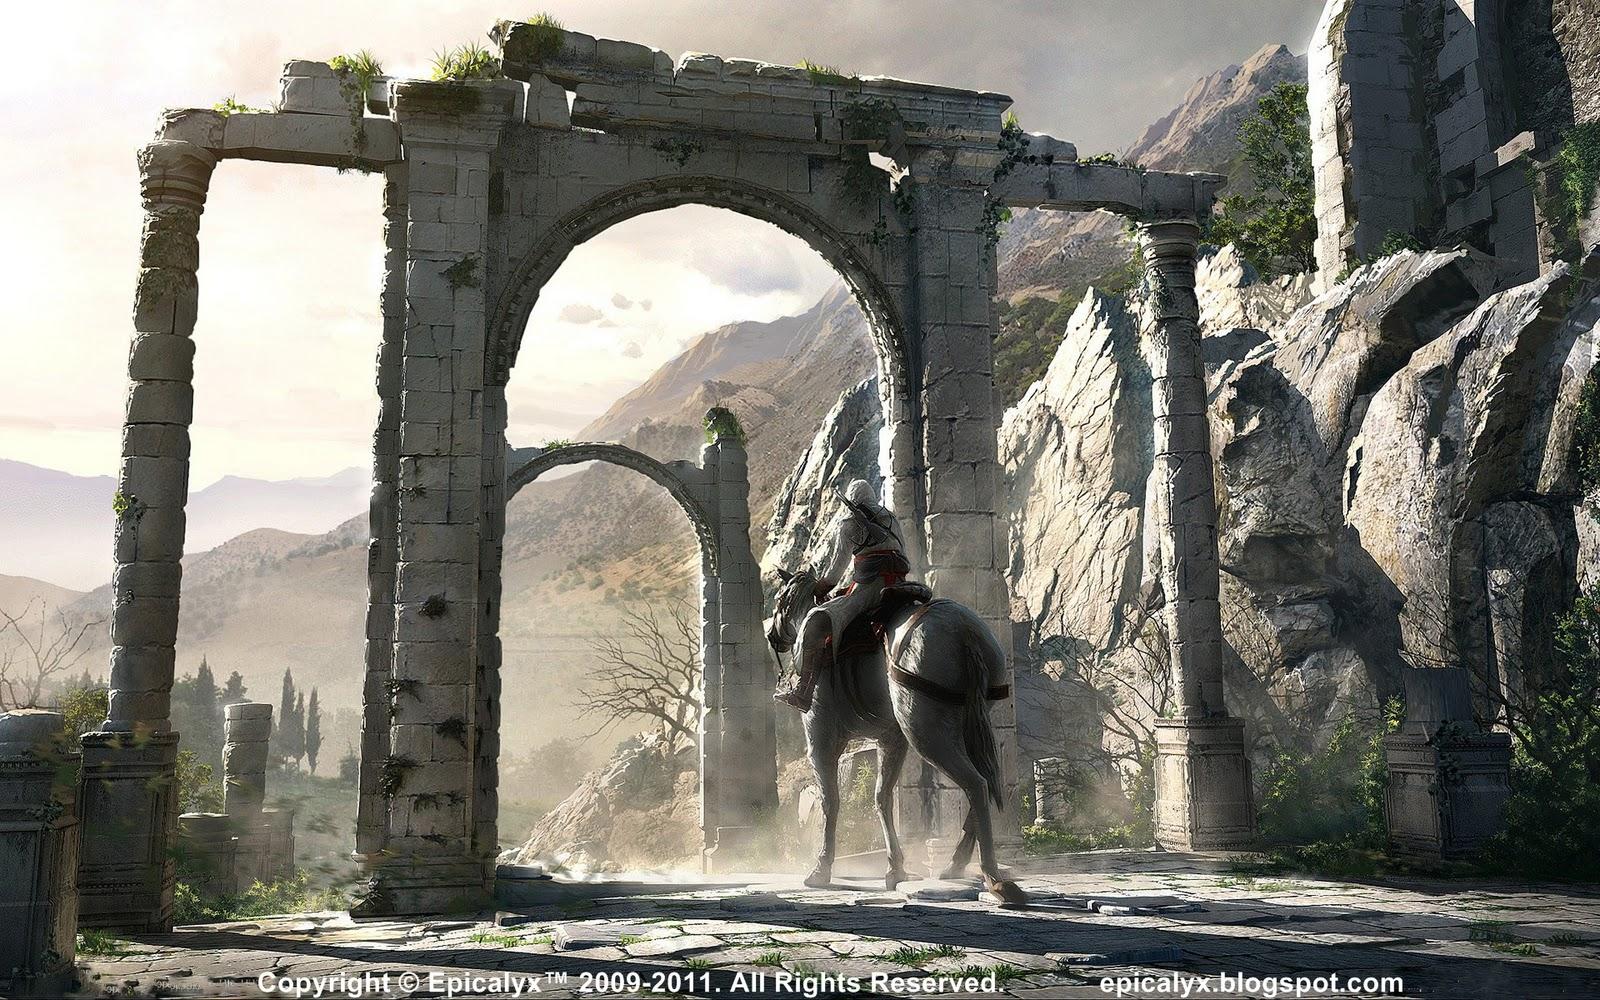 http://1.bp.blogspot.com/-TqPO5TpnFAw/Tr_2Fx_x1fI/AAAAAAAAAII/UHdioNClhNU/s1600/Assassin%2527s+Creed+HD.jpg